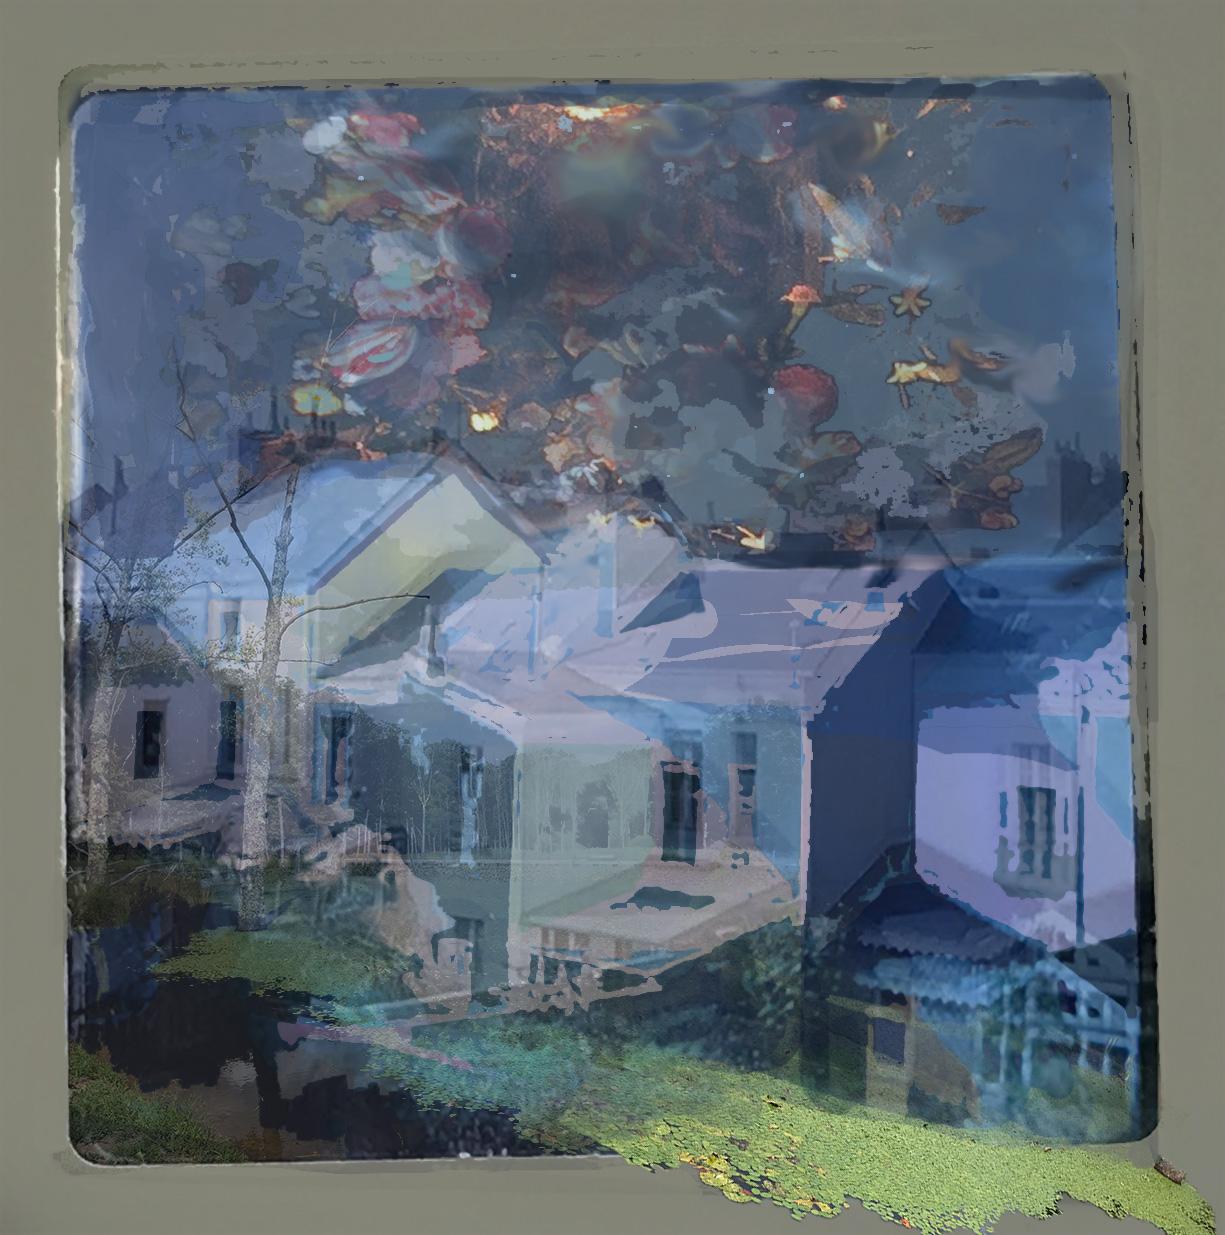 housesimage3.jpg